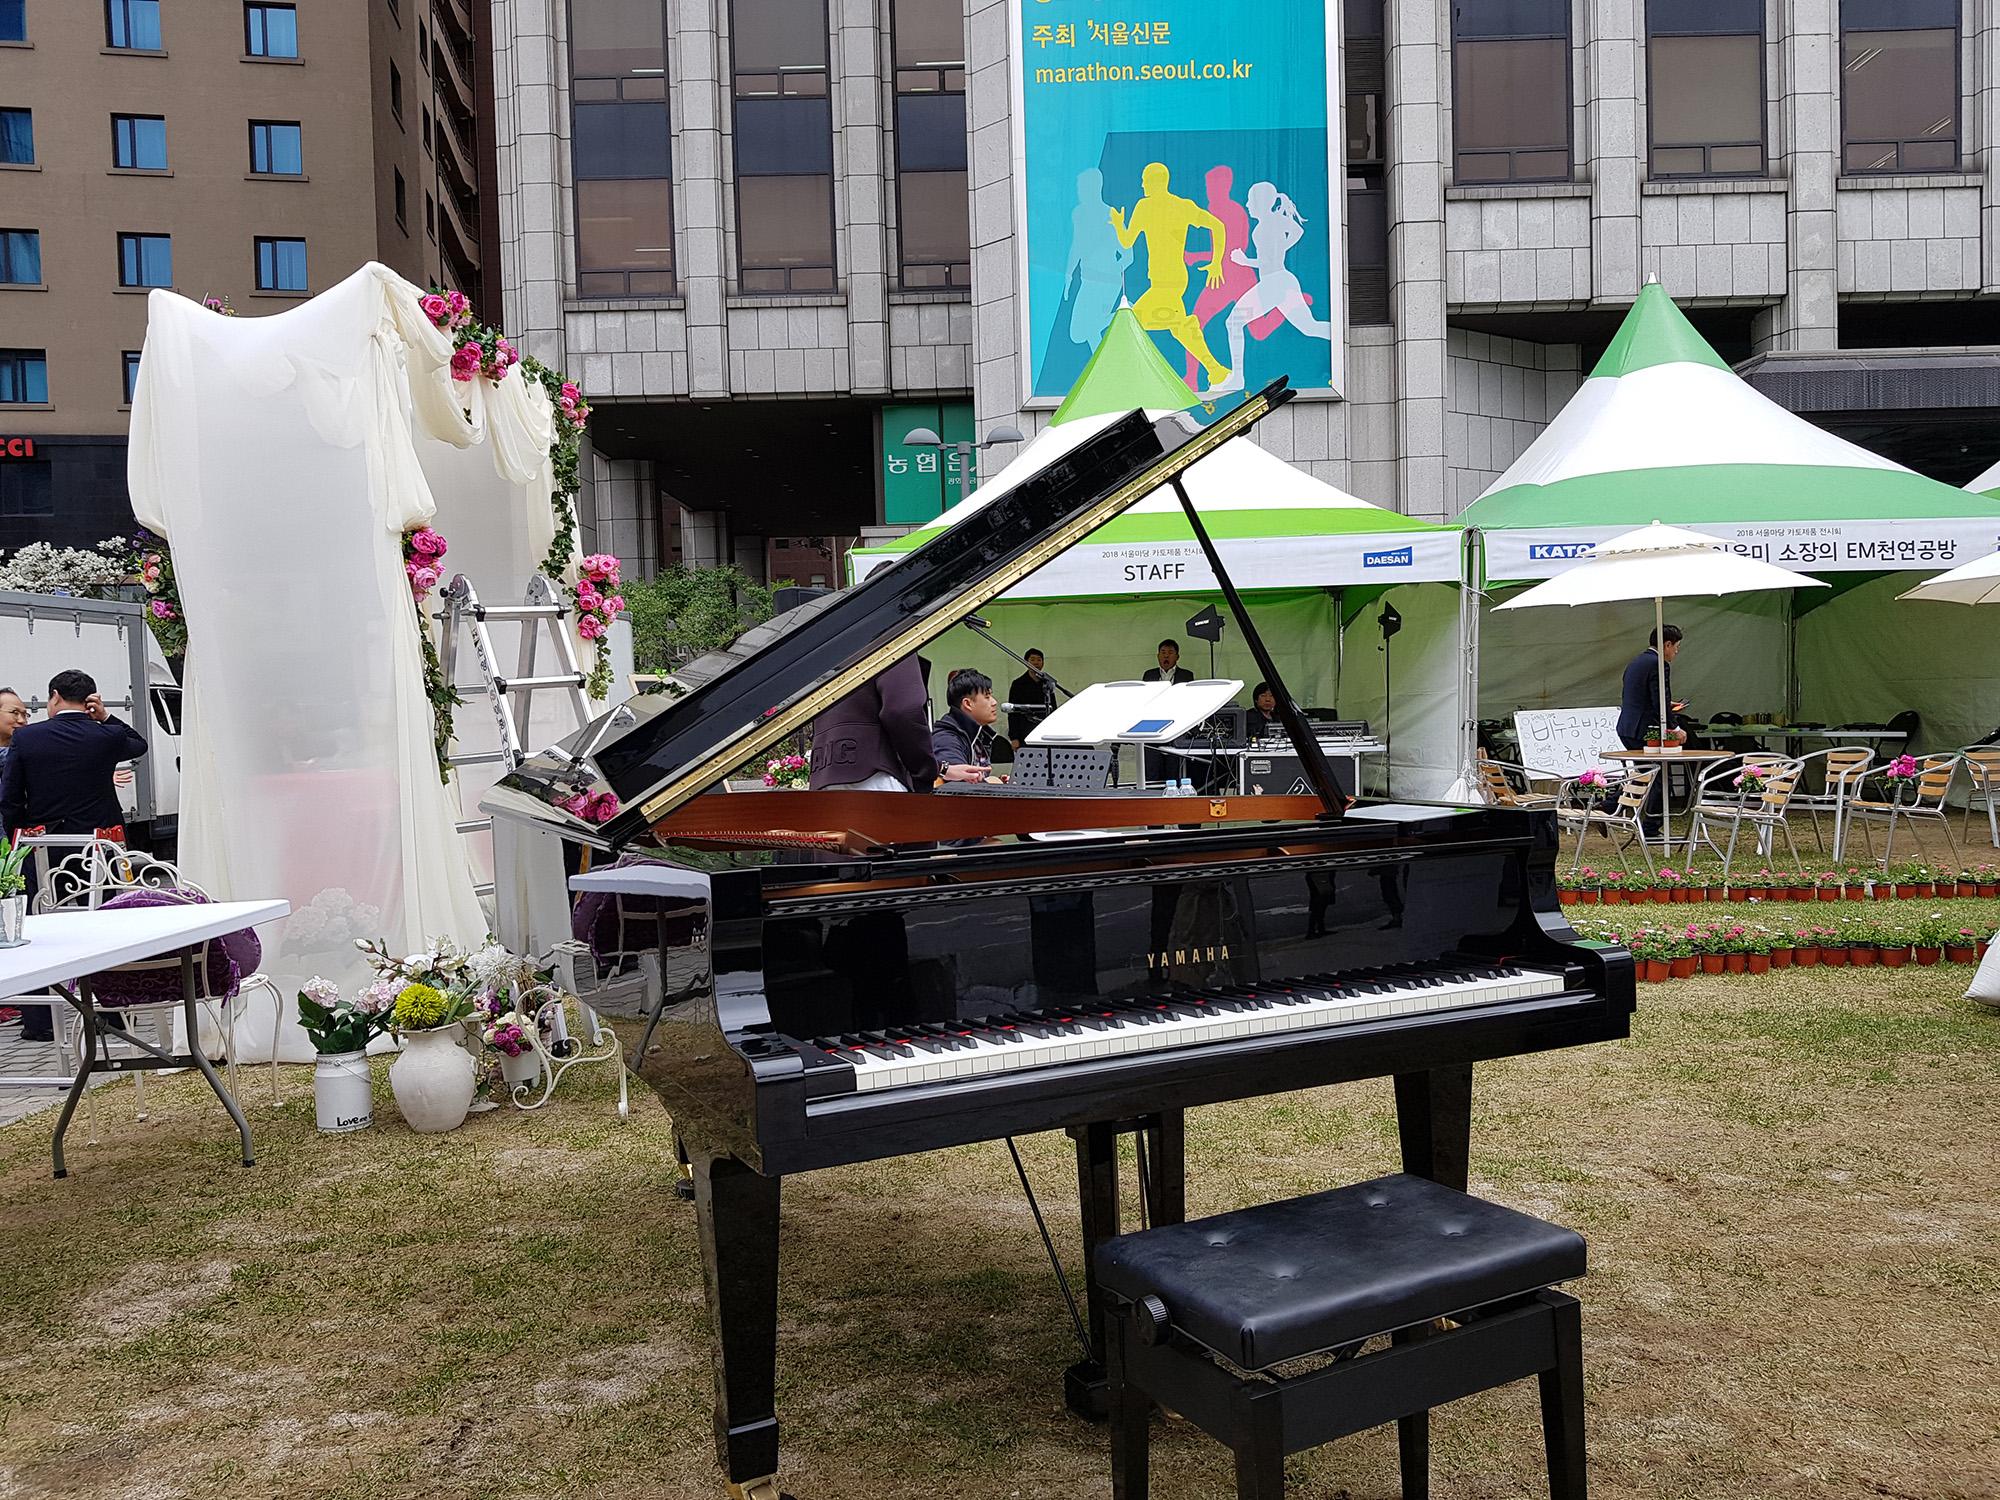 피아노 무료대여. 어려운이웃 결혼식 후원